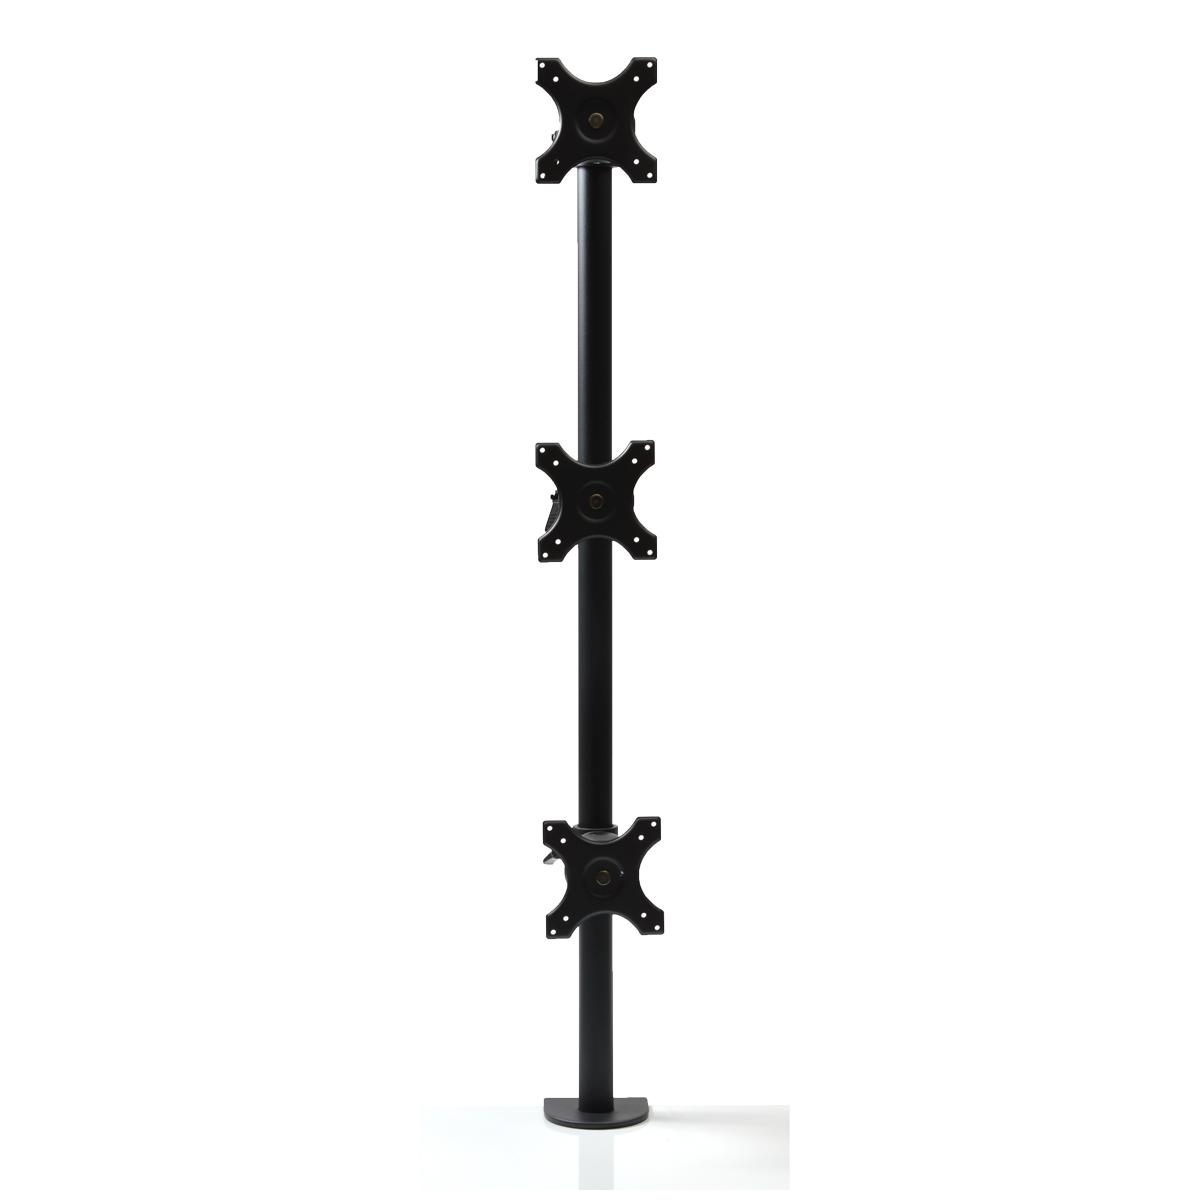 縦型3面ロングポールモニターアーム